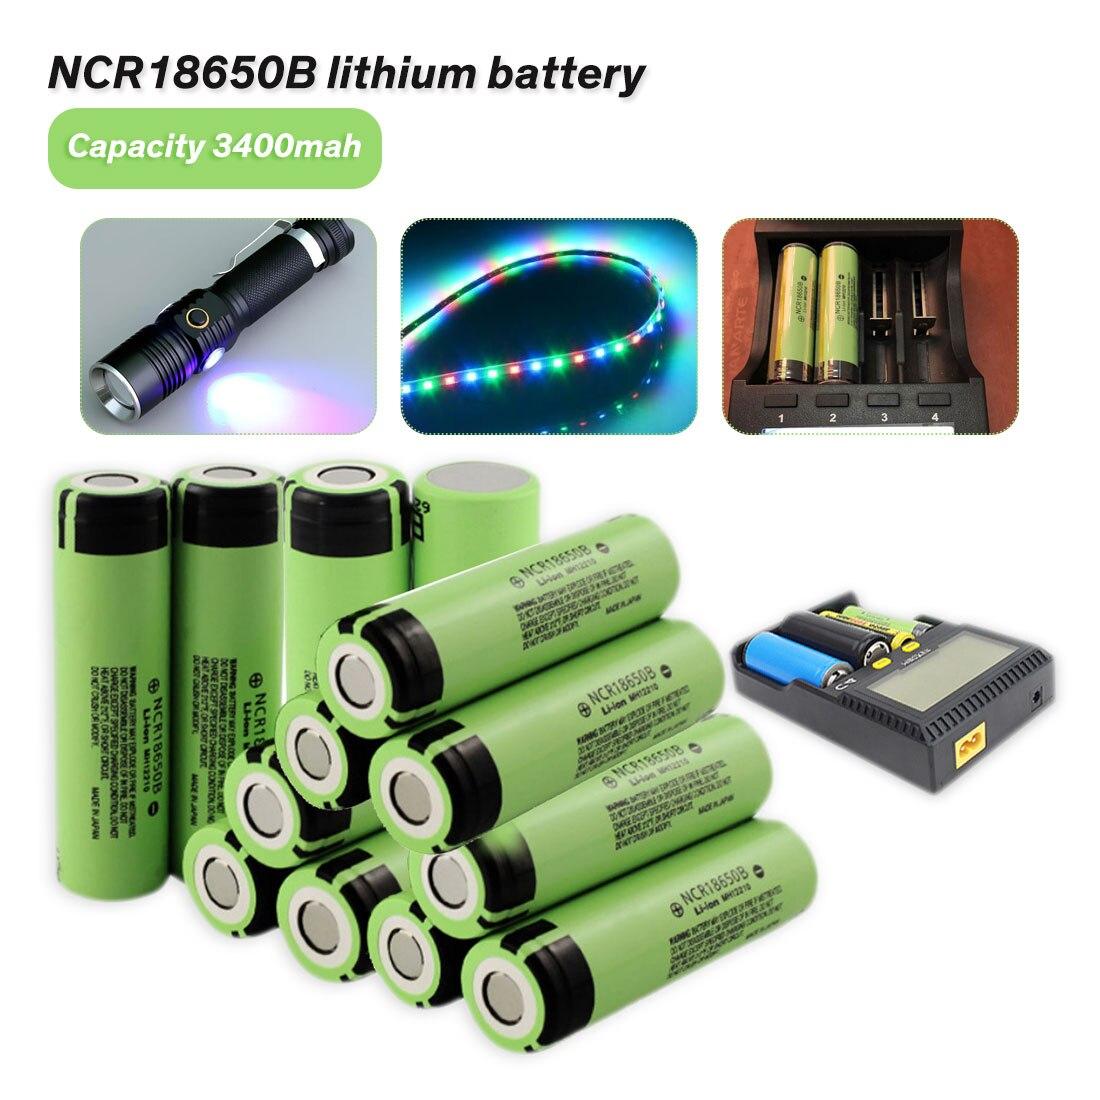 2 шт./лот, оригинал, NCR18650B, 3,7 В, 3400 мАч, высокая емкость, 18650, литиевая аккумуляторная батарея для светодиодных ламп|Перезаряжаемые батареи|   | АлиЭкспресс